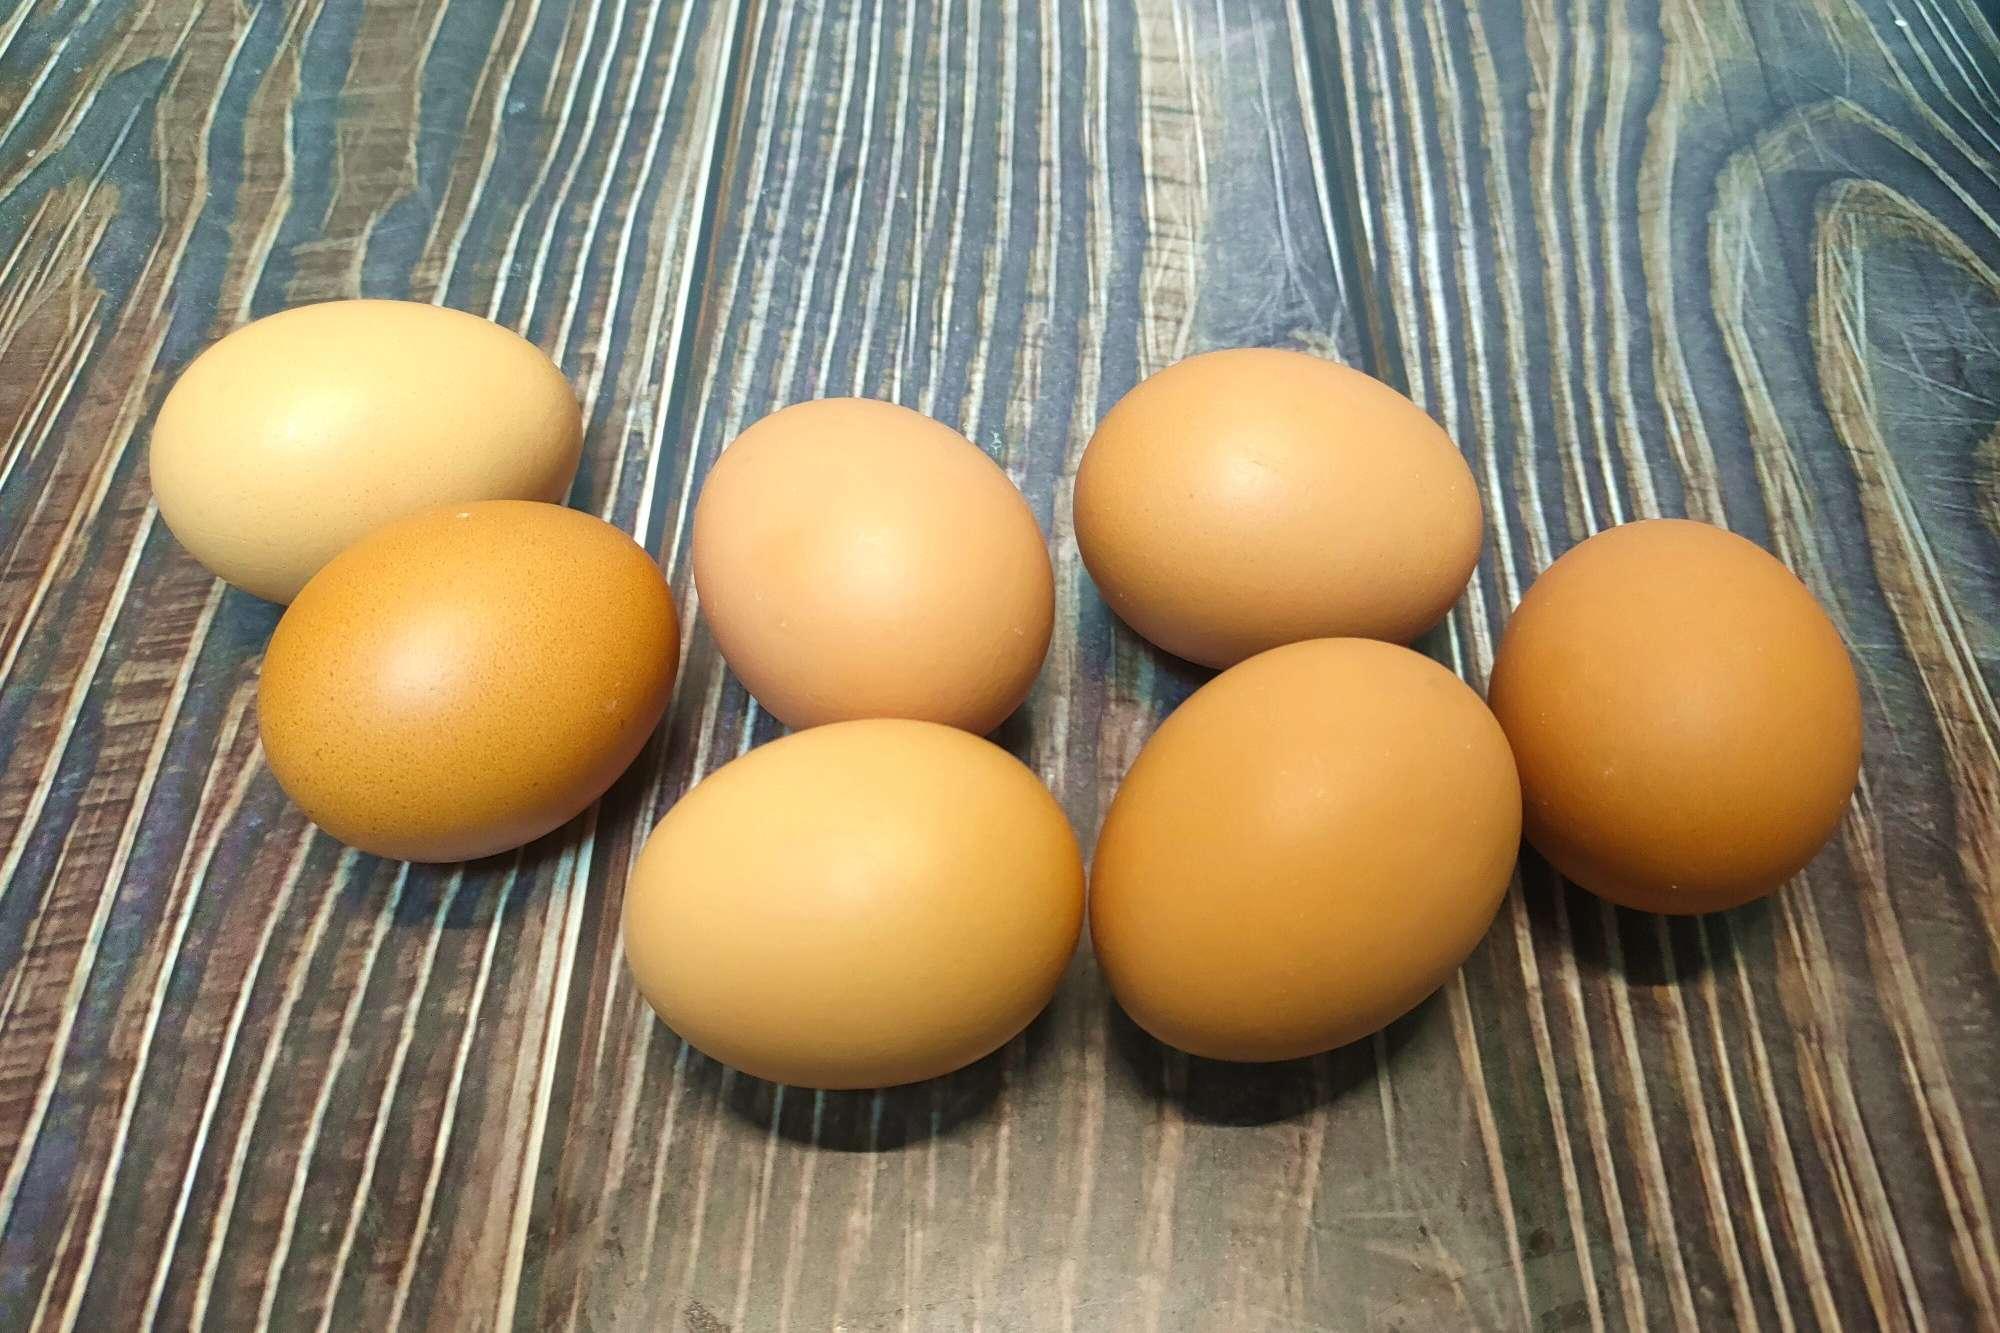 煮雞蛋時,切記別只加清水,多加兩樣,蛋殼好剝,蛋黃嫩滑不發青